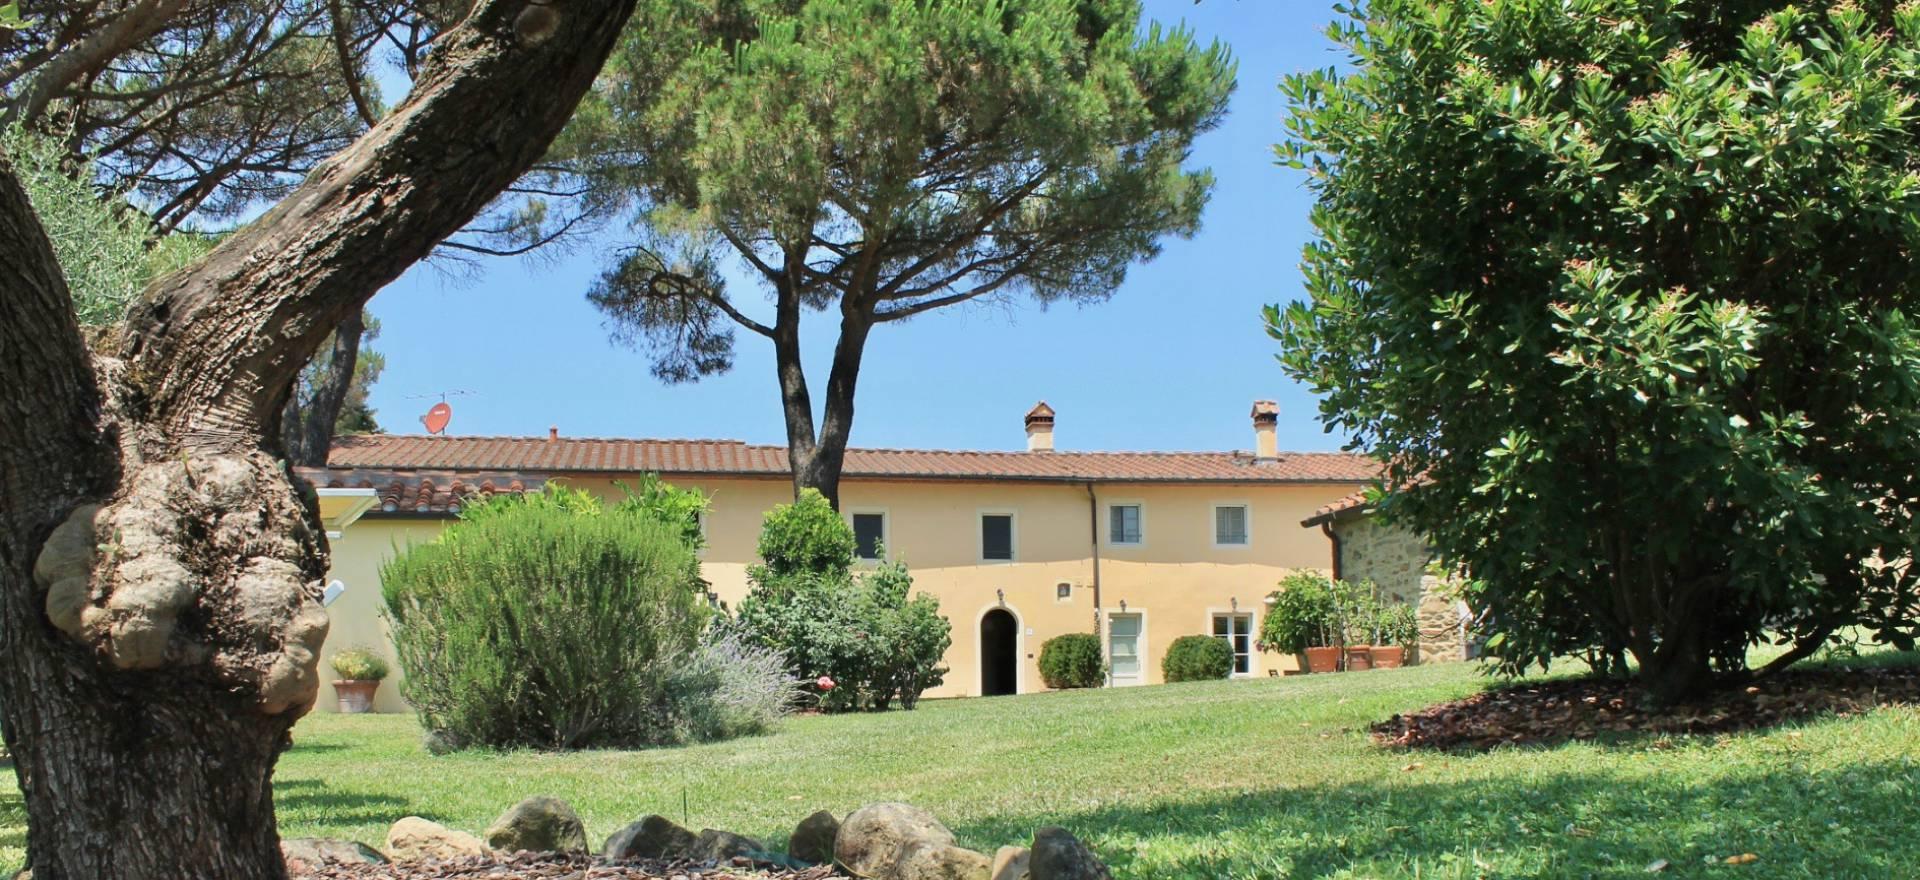 Agriturismo Tuscany Child friendly agriturismo Tuscany, stylish and popular!